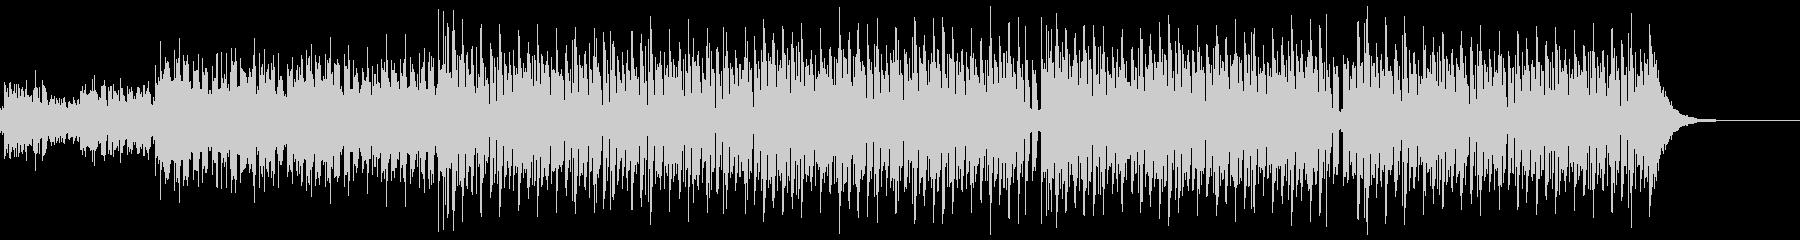 ずっしりビートの効いたEDMの未再生の波形